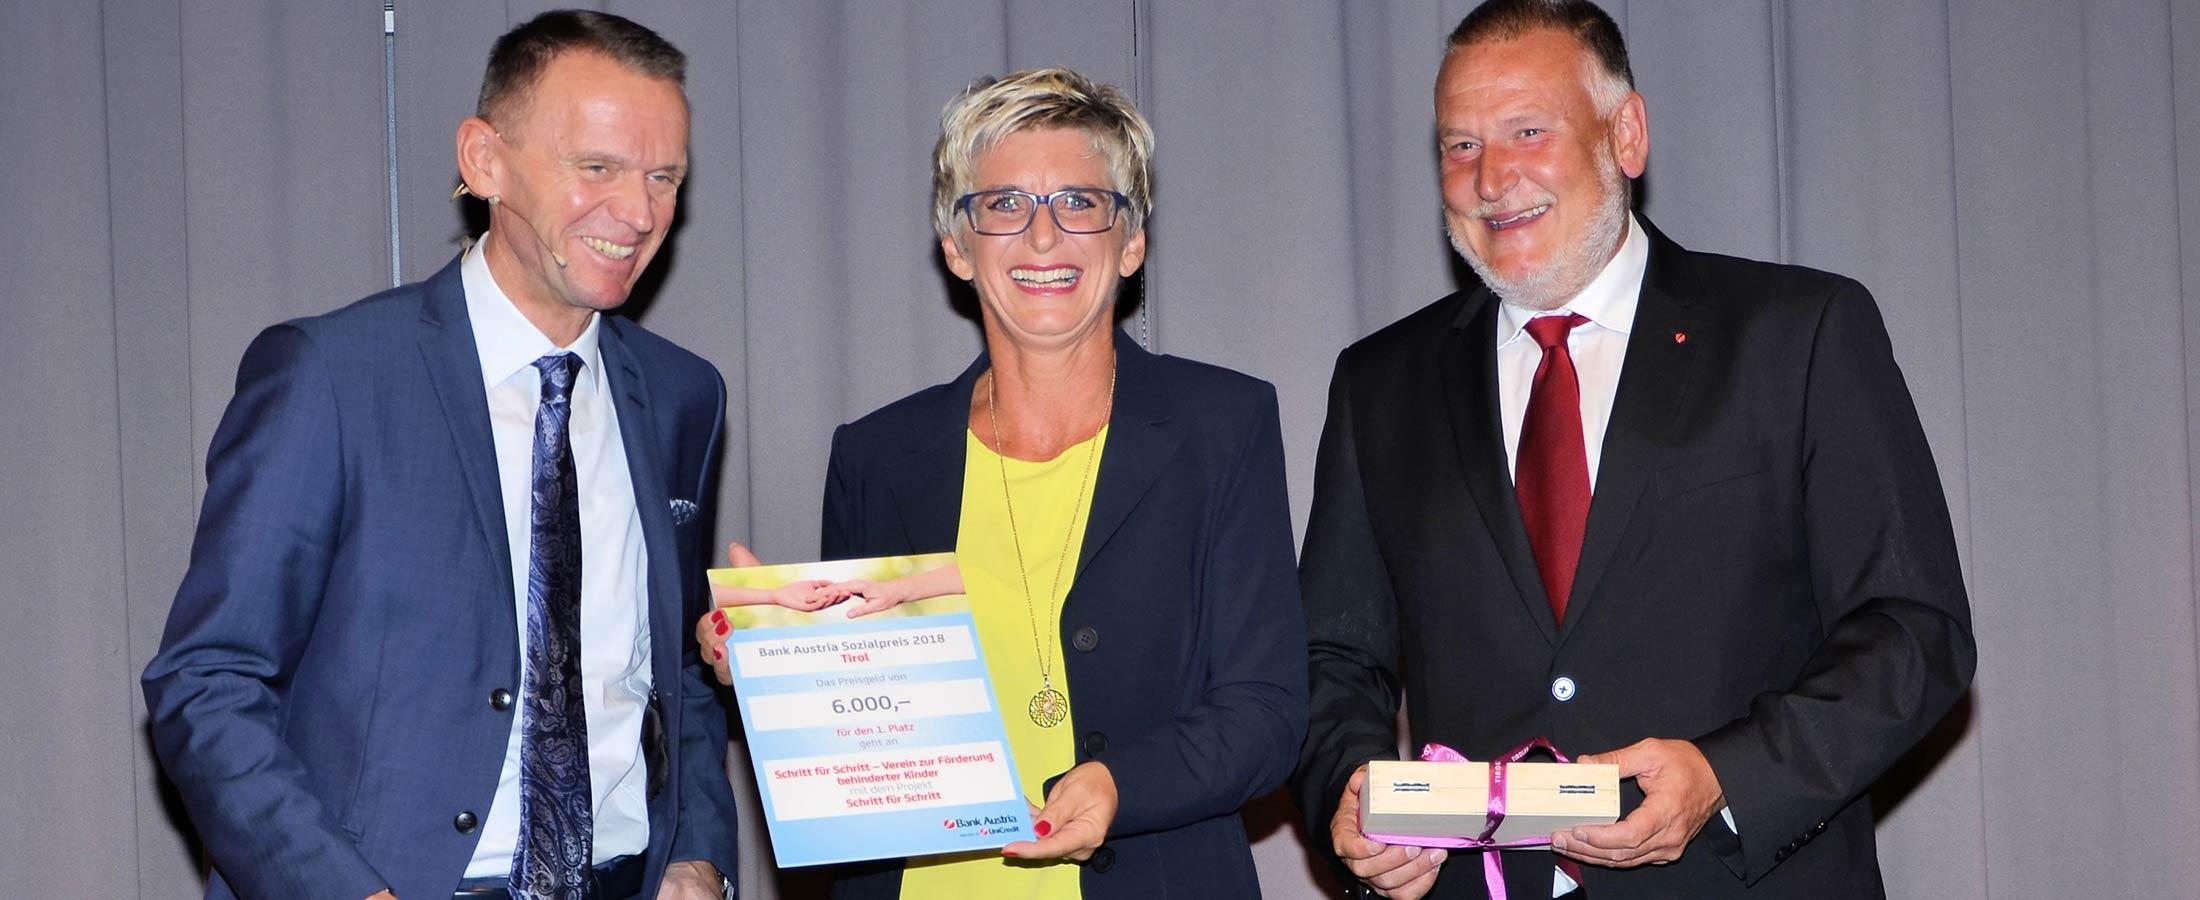 Sozialpreis Bank Austria geht an Schritt für Schritt